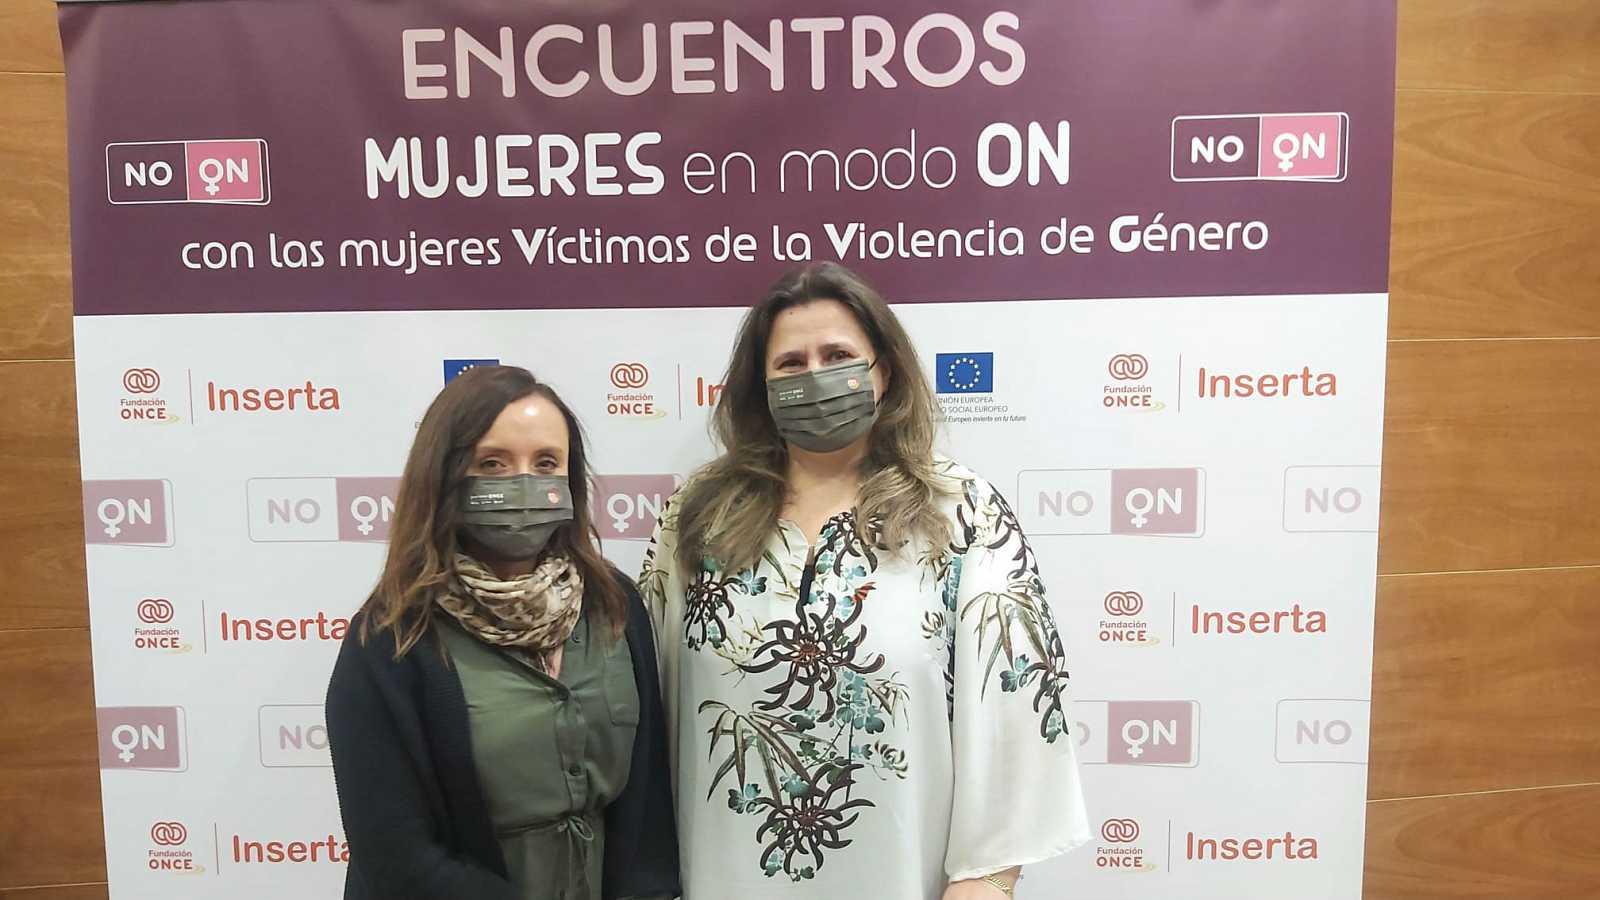 Más cerca - Mujeres en modo ON; resurgir tras la violencia